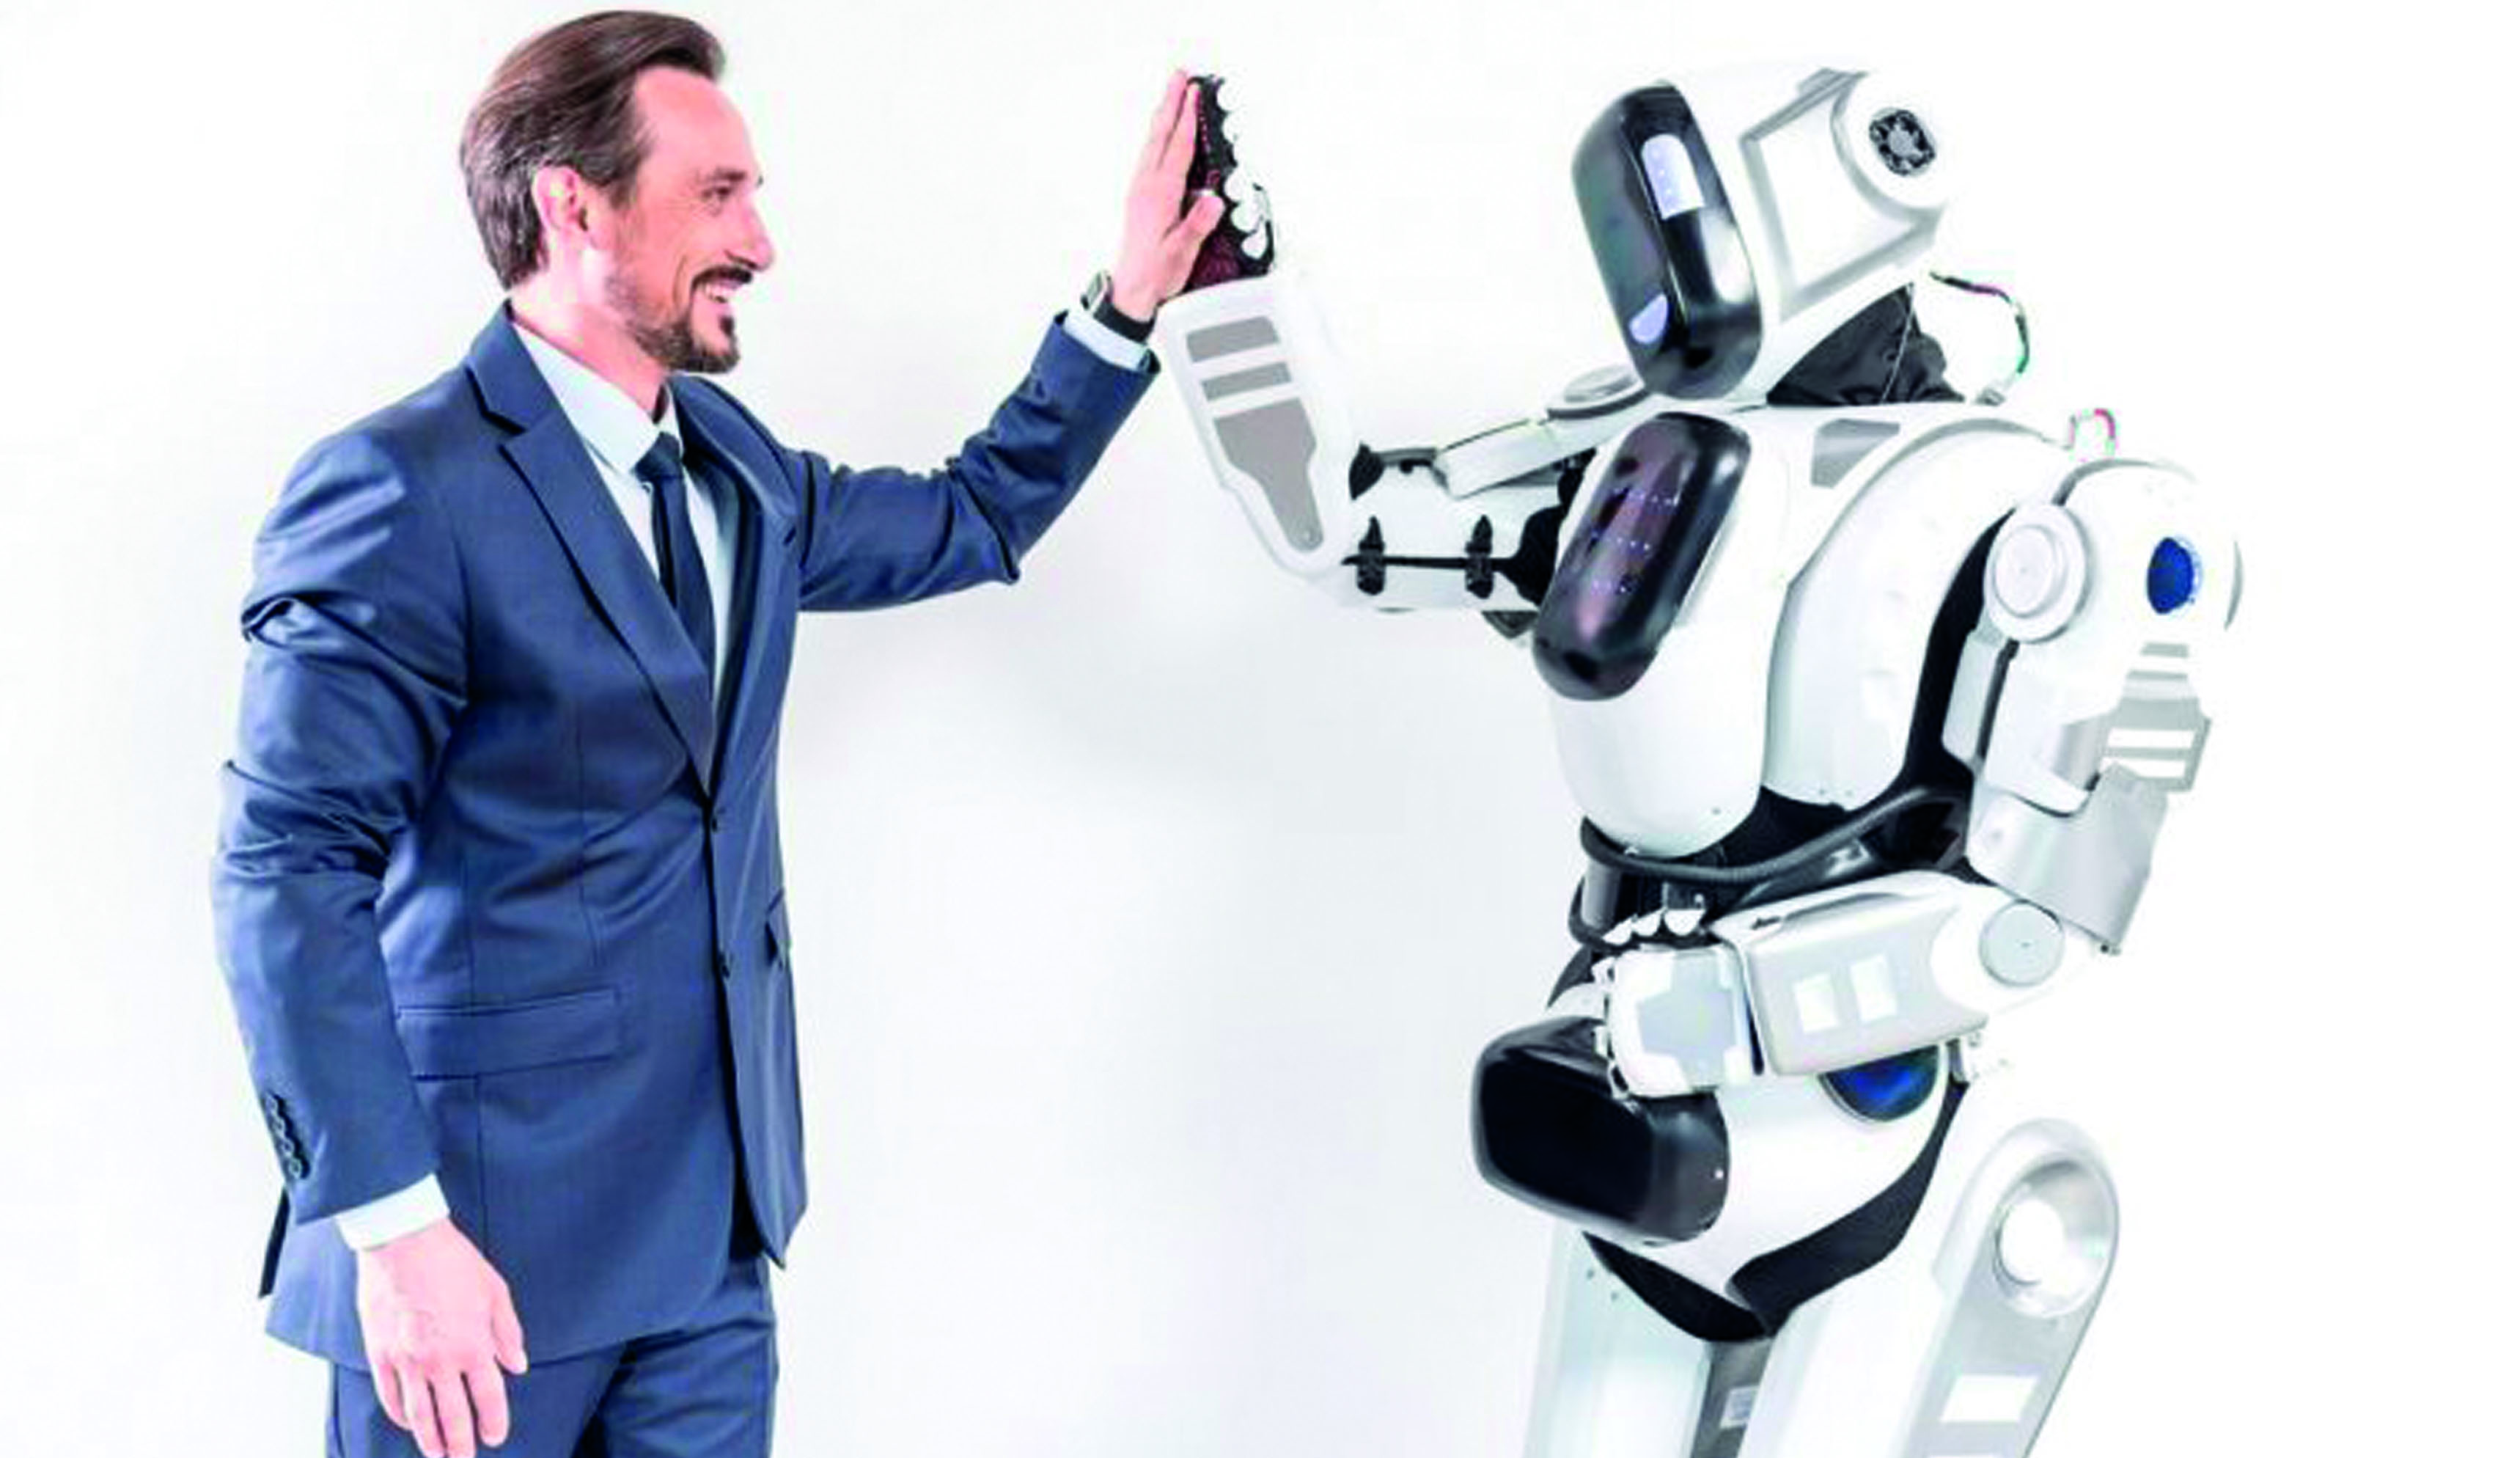 Cada vez mais exigentes e digitais, os consumidores preferem se relacionar com robôs do que com humanos. É o que aponta uma recente pesquisa do Instituto de Pesquisa da Capgemini.